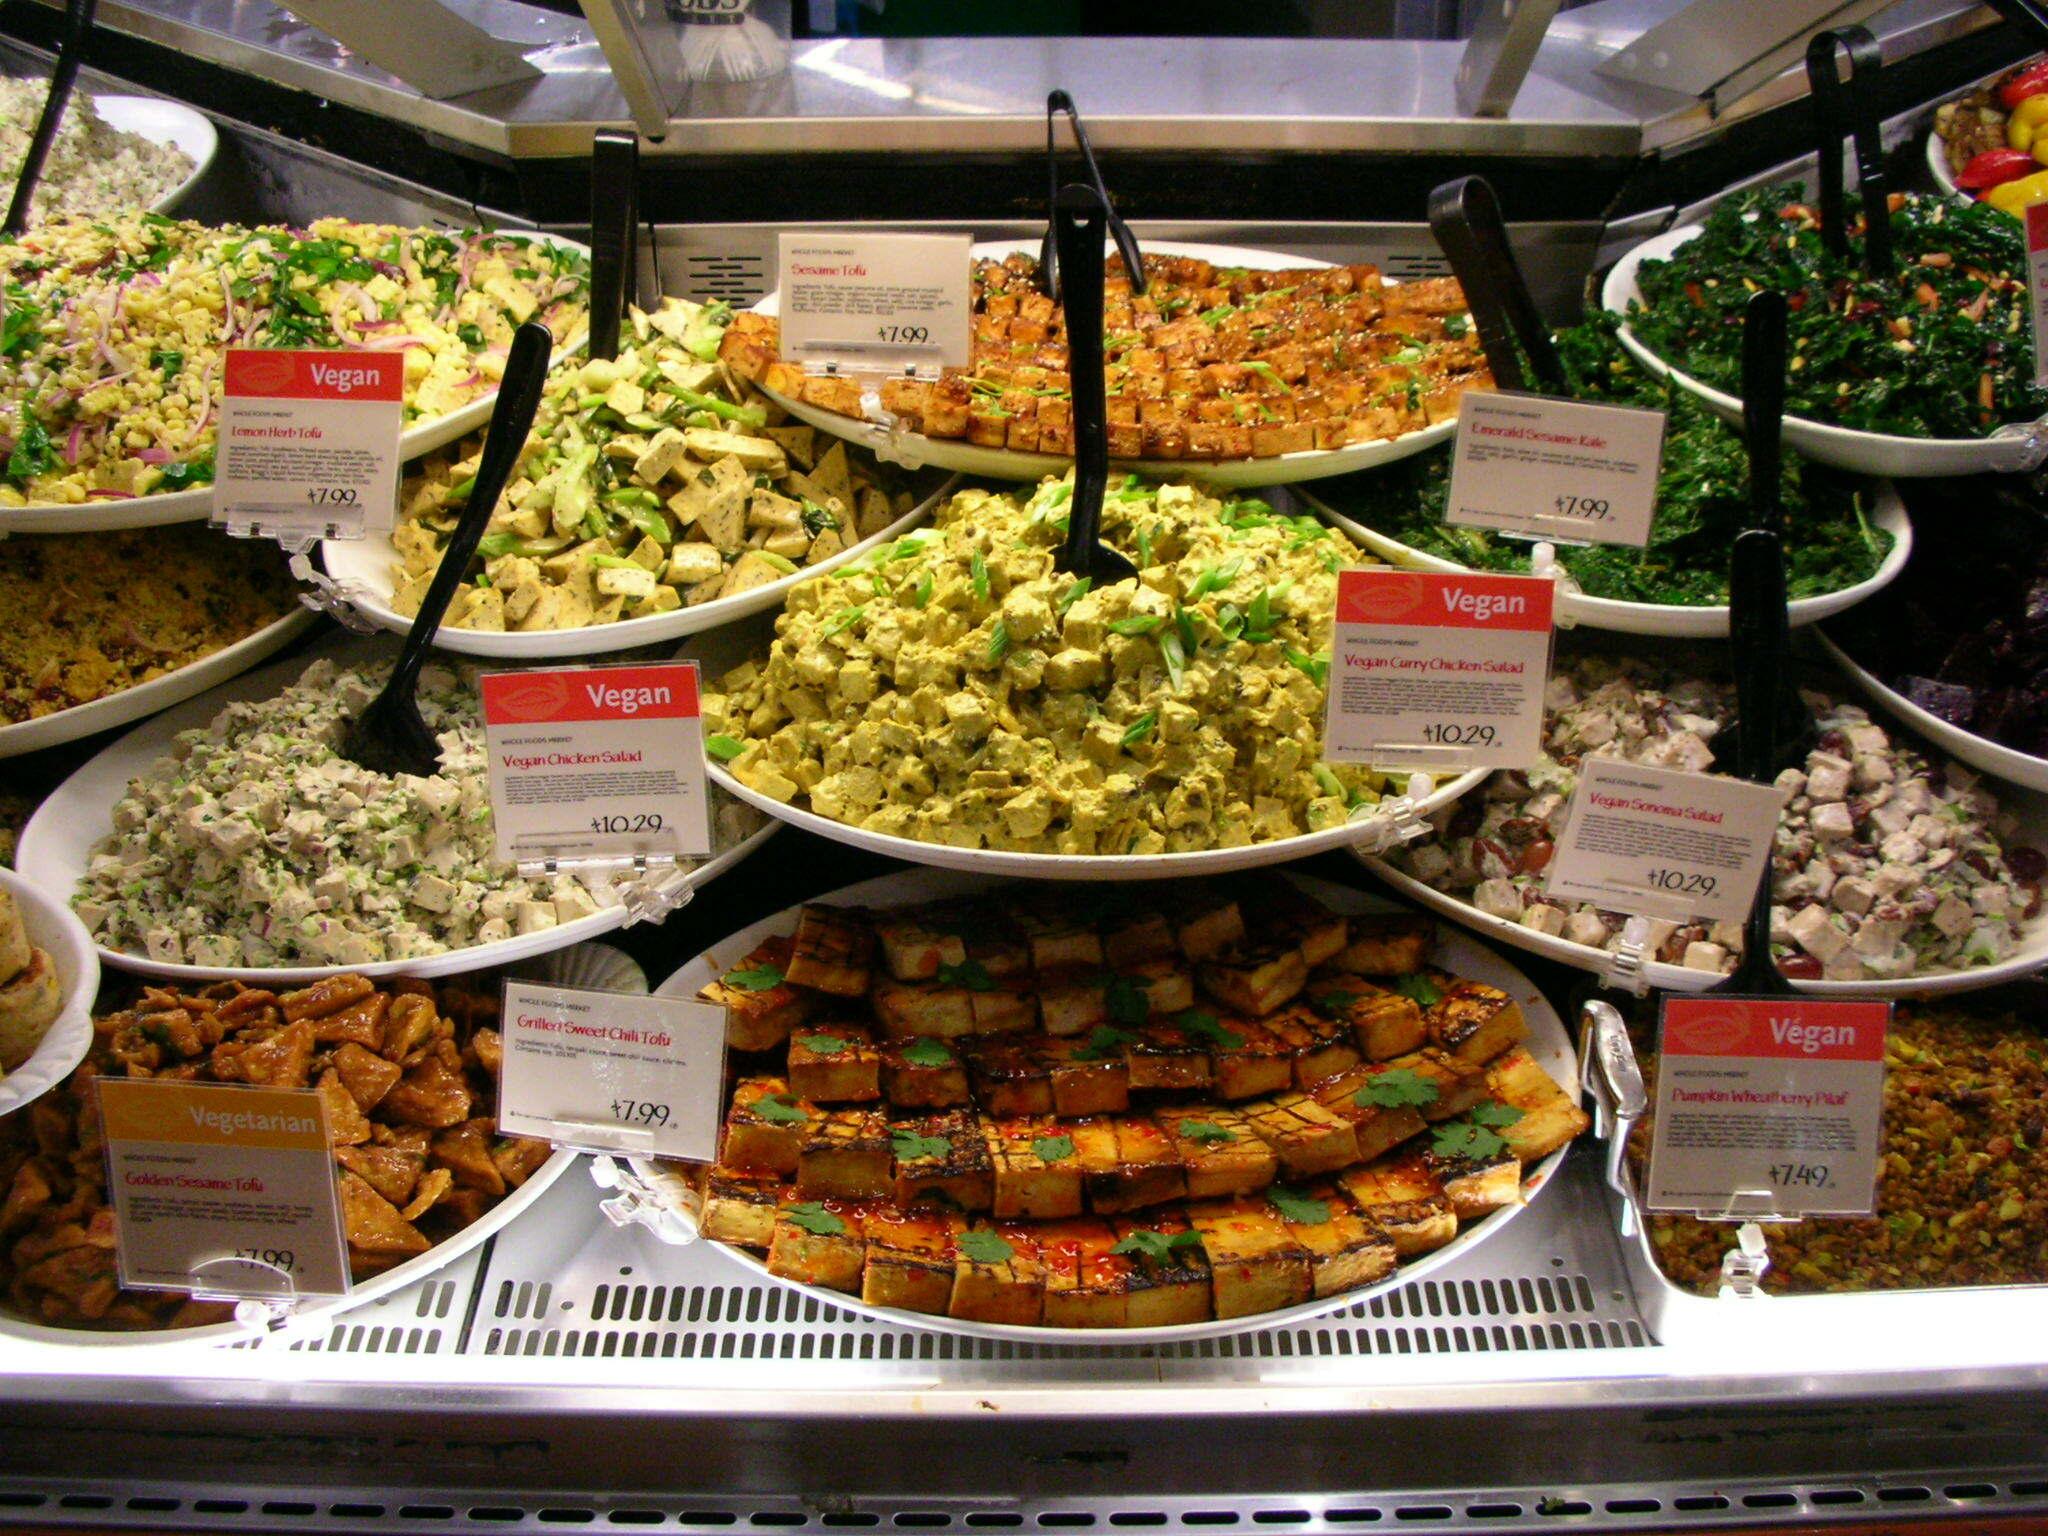 Veganistische supermarkten doen het uitstekend in Duitsland